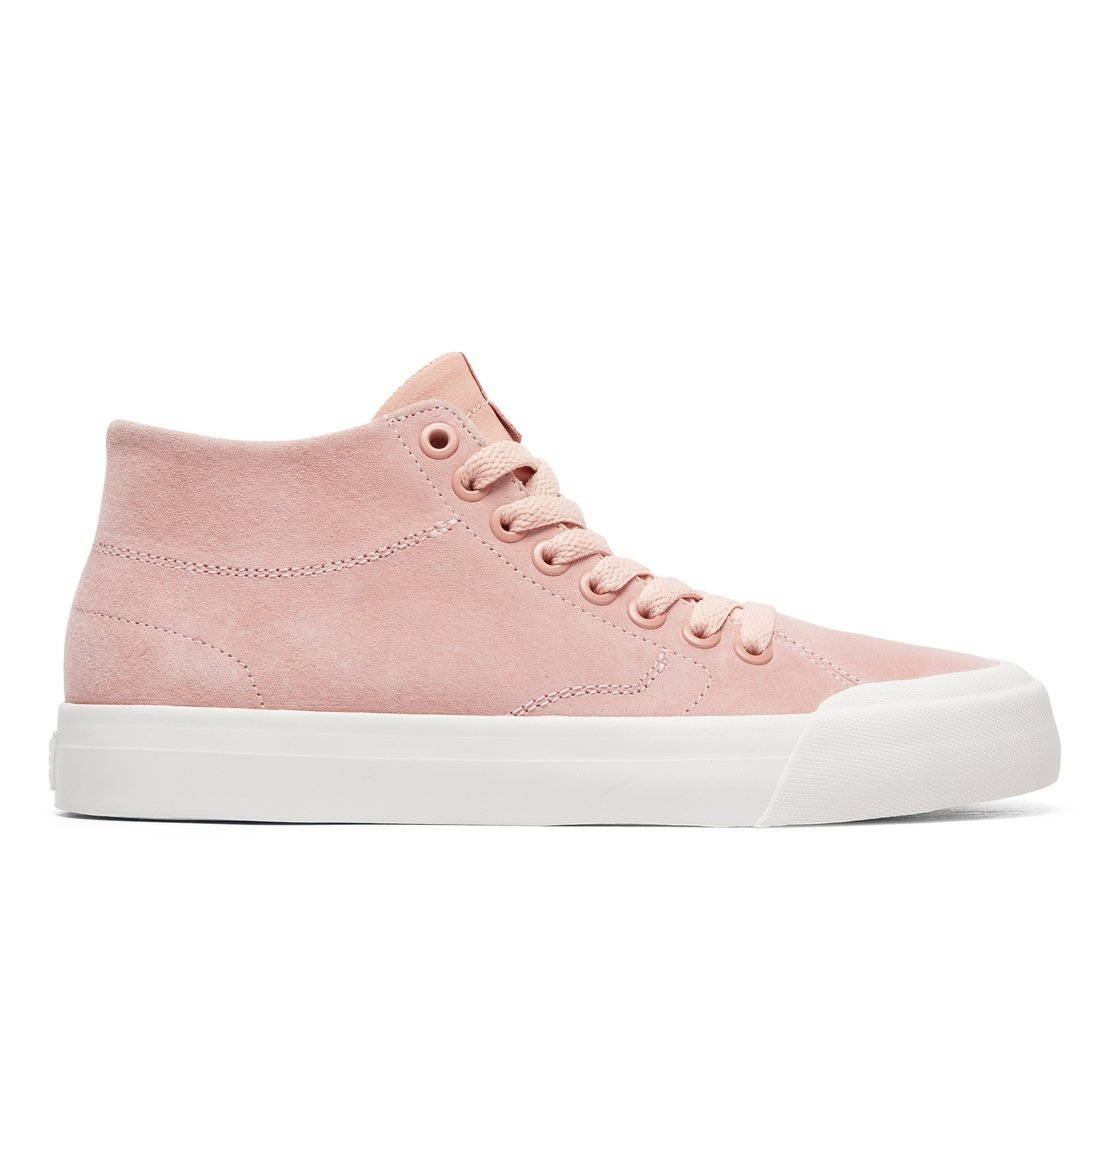 Shop Leren Dc Online Shoes Schoenenevan Hoge Hi Zero 29HIEWD